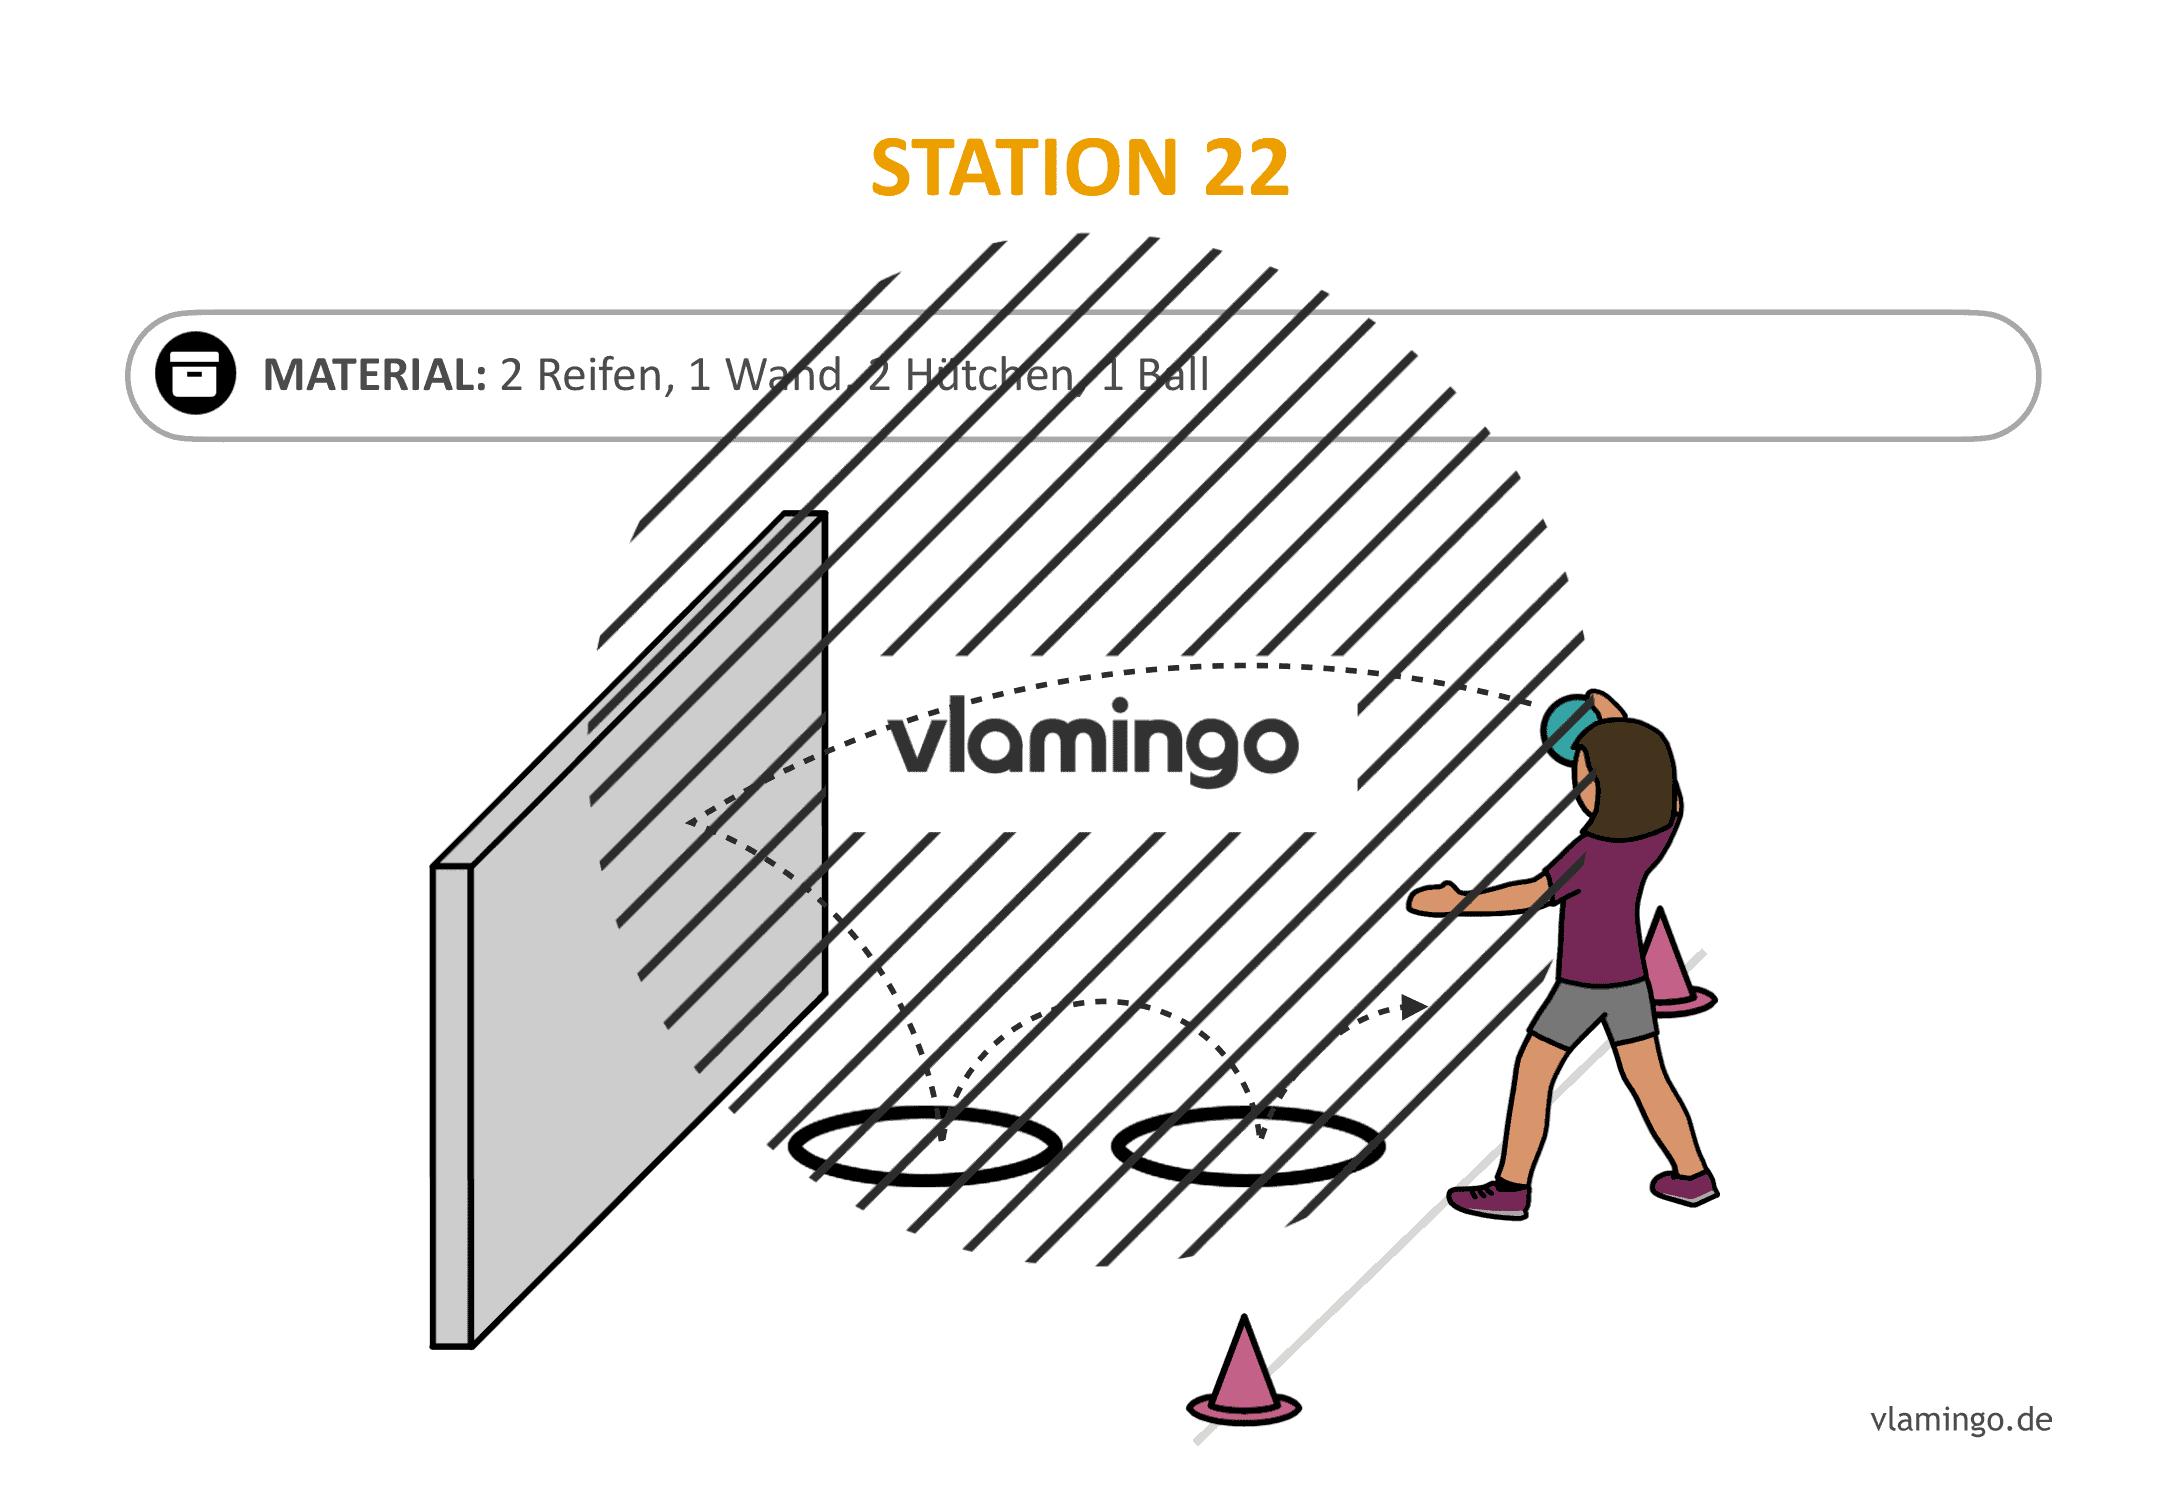 Handballgolf - Station-22